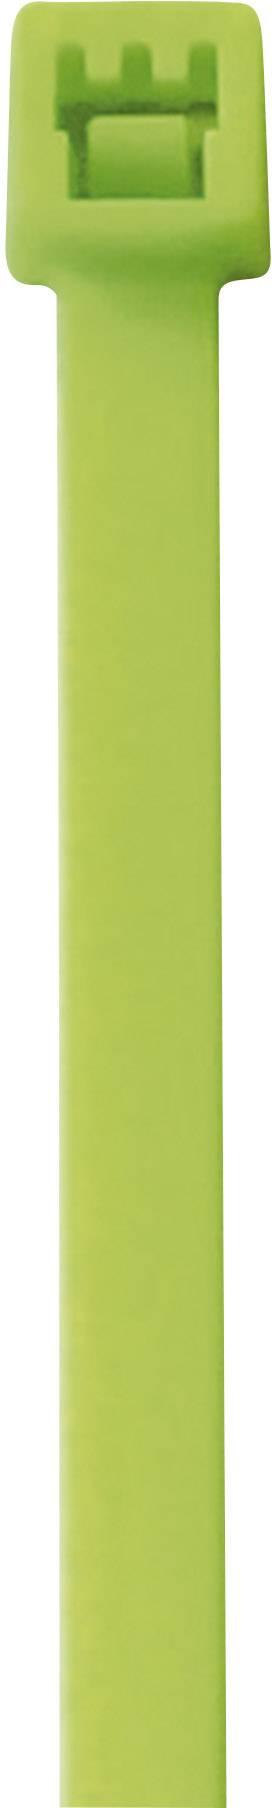 Fluorecentní stahovací pásek PB Fastener, 192 x 4,6 mm, 50 ks, zelená